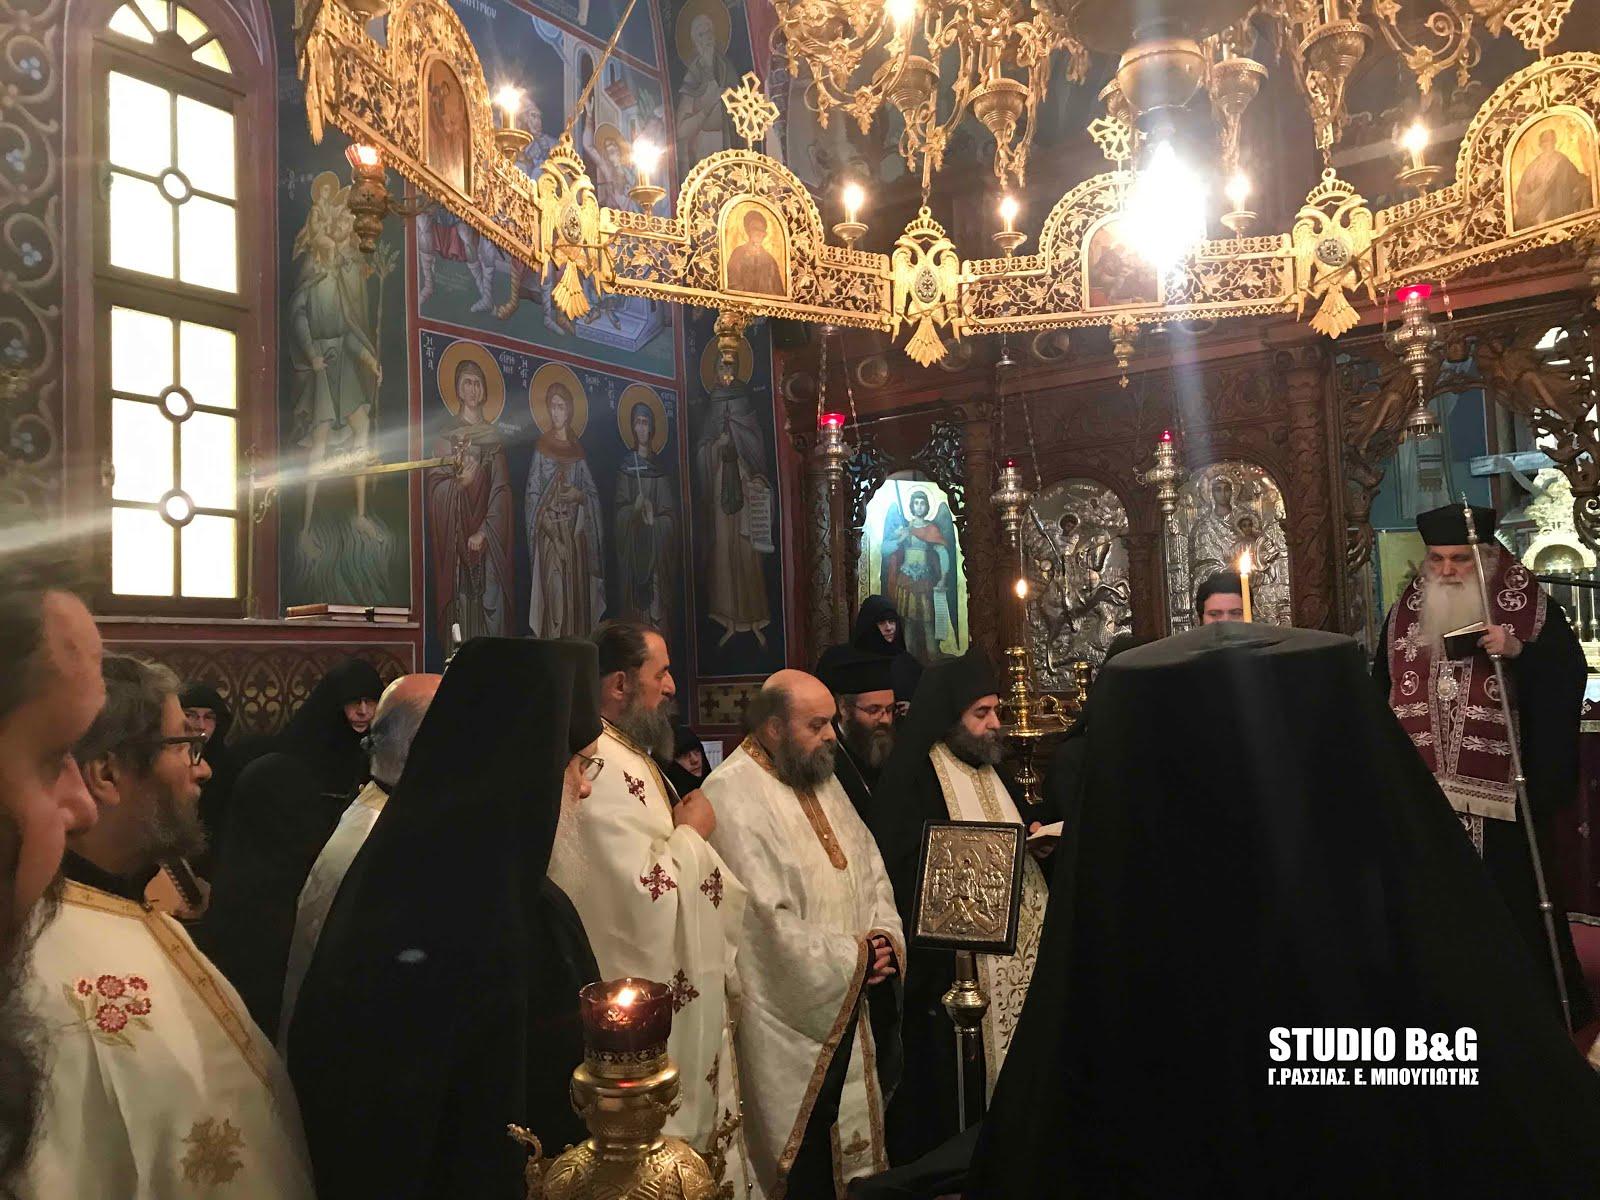 Συγκίνηση στην εξόδιο ακολουθία της καθηγουμένης της Μονής Καρακαλά Ακακίας